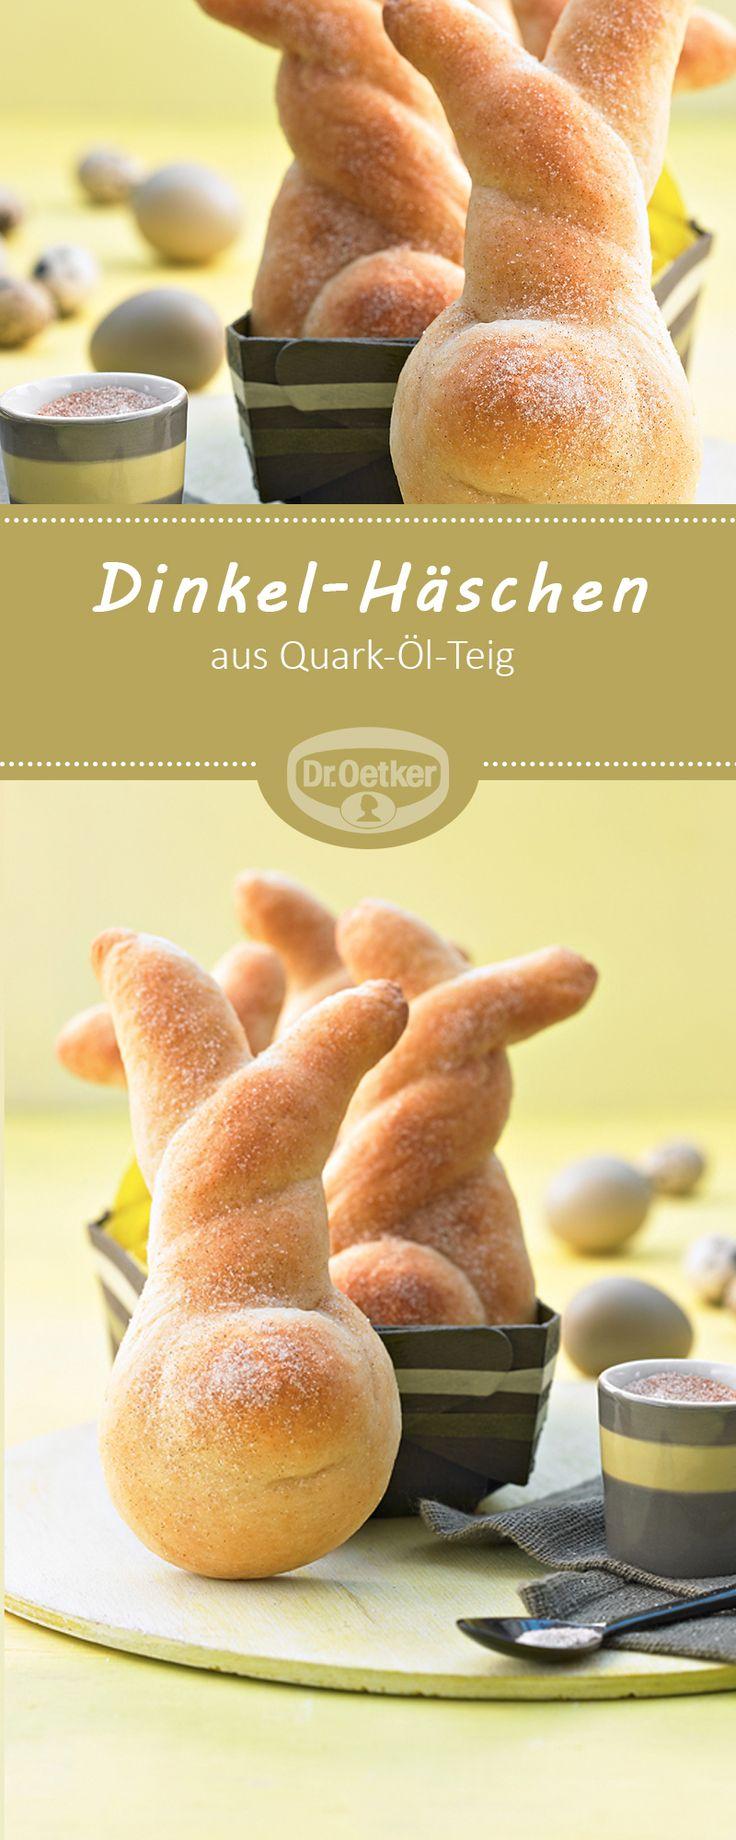 Dinkel-Häschen - Quark-Öl-Teig Häschen mit Zimt-Zucker #ostern #rezept #lecker